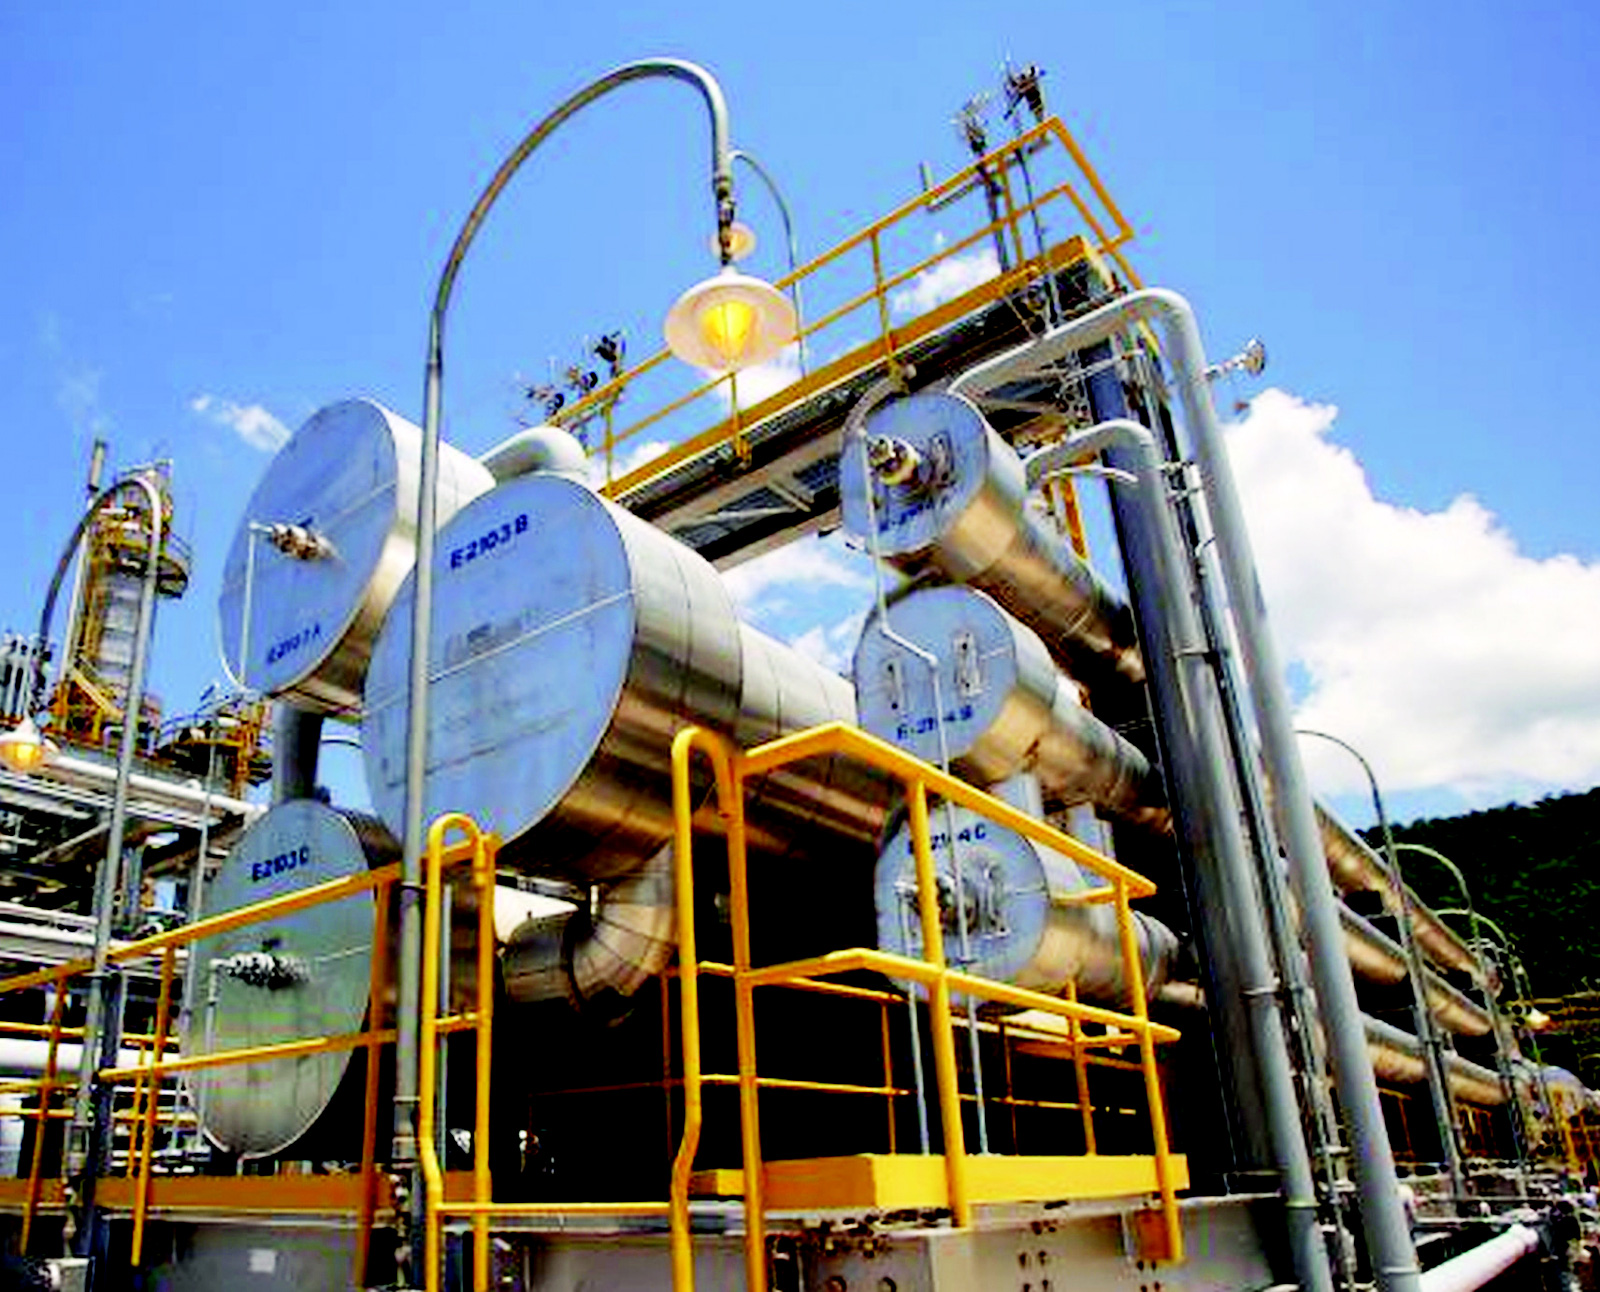 Giá gas hôm nay 20/3: Tiếp tục giảm gần 3%, nhu cầu tiêu thụ khí đốt giảm do dịch COVID-19 lan rộng - Ảnh 1.